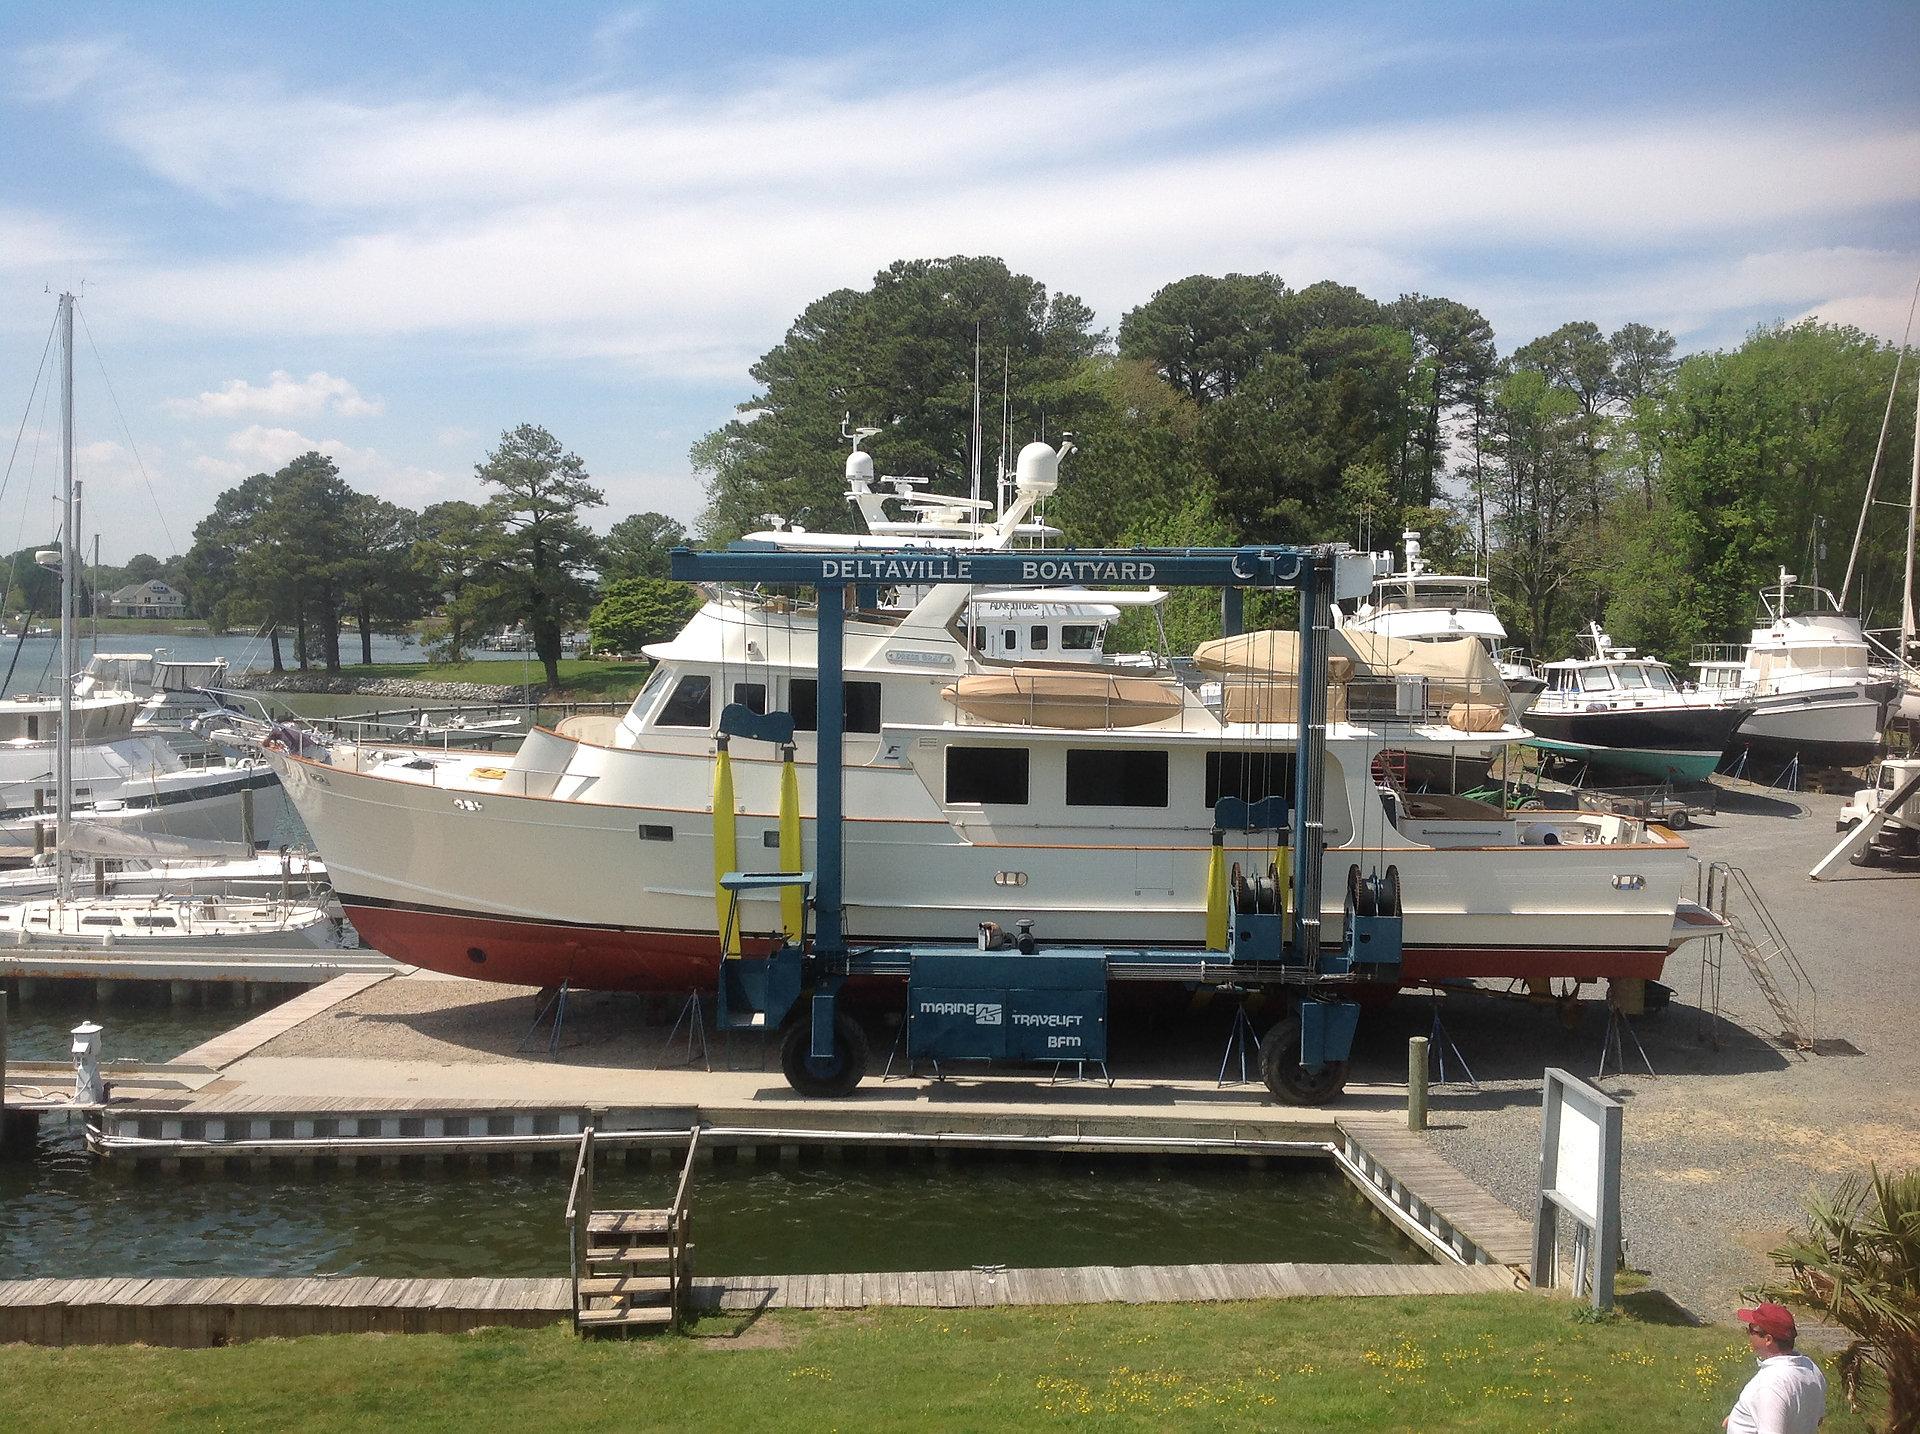 Deltaville Marina in Deltaville, VA